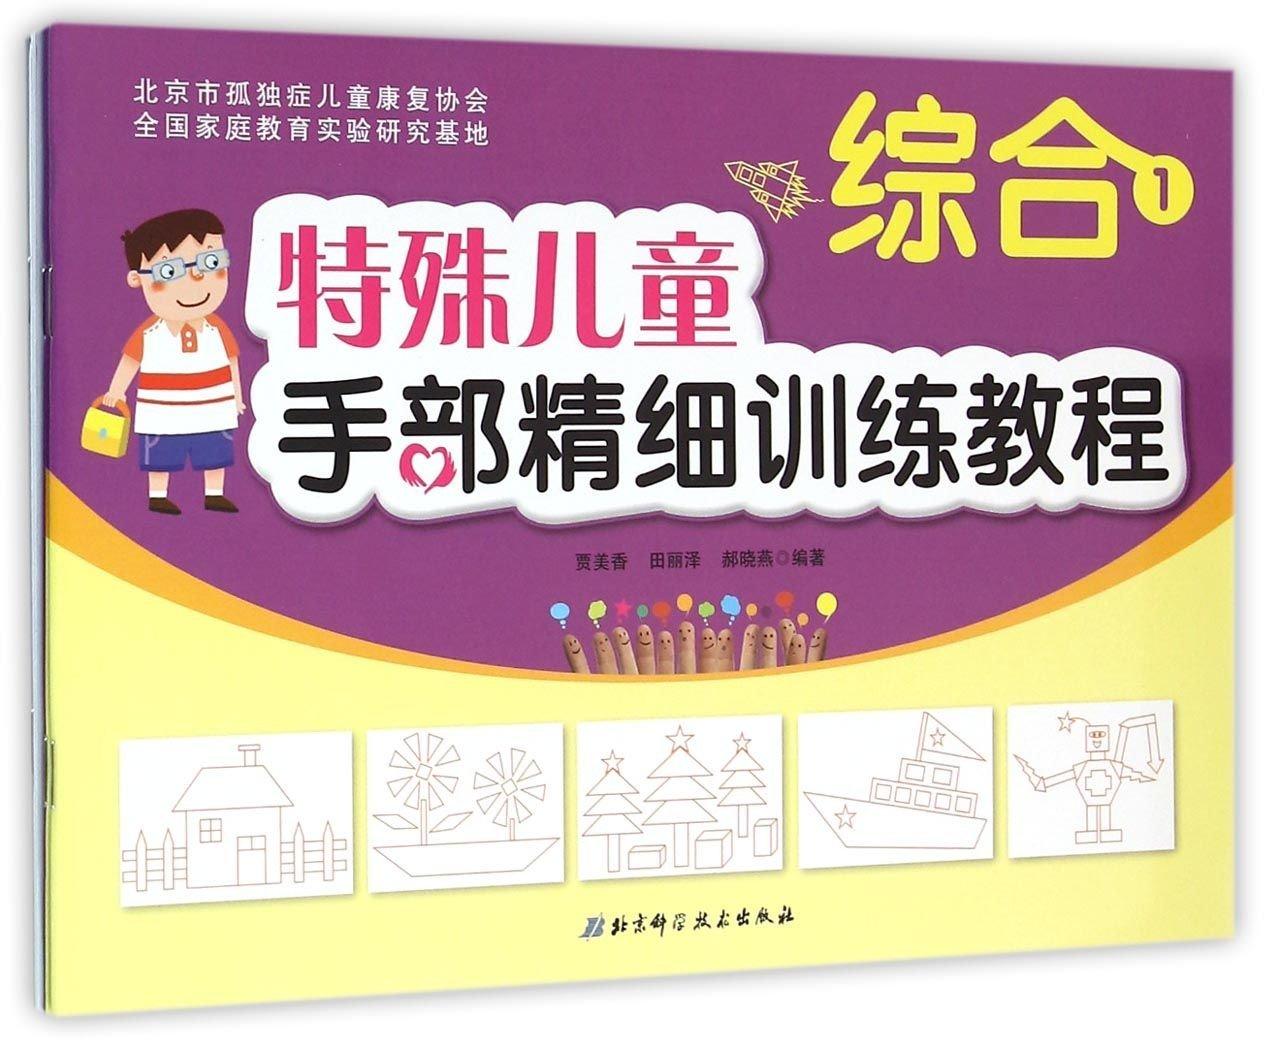 Download 特殊儿童手部精细训练教程(综合共3册) pdf